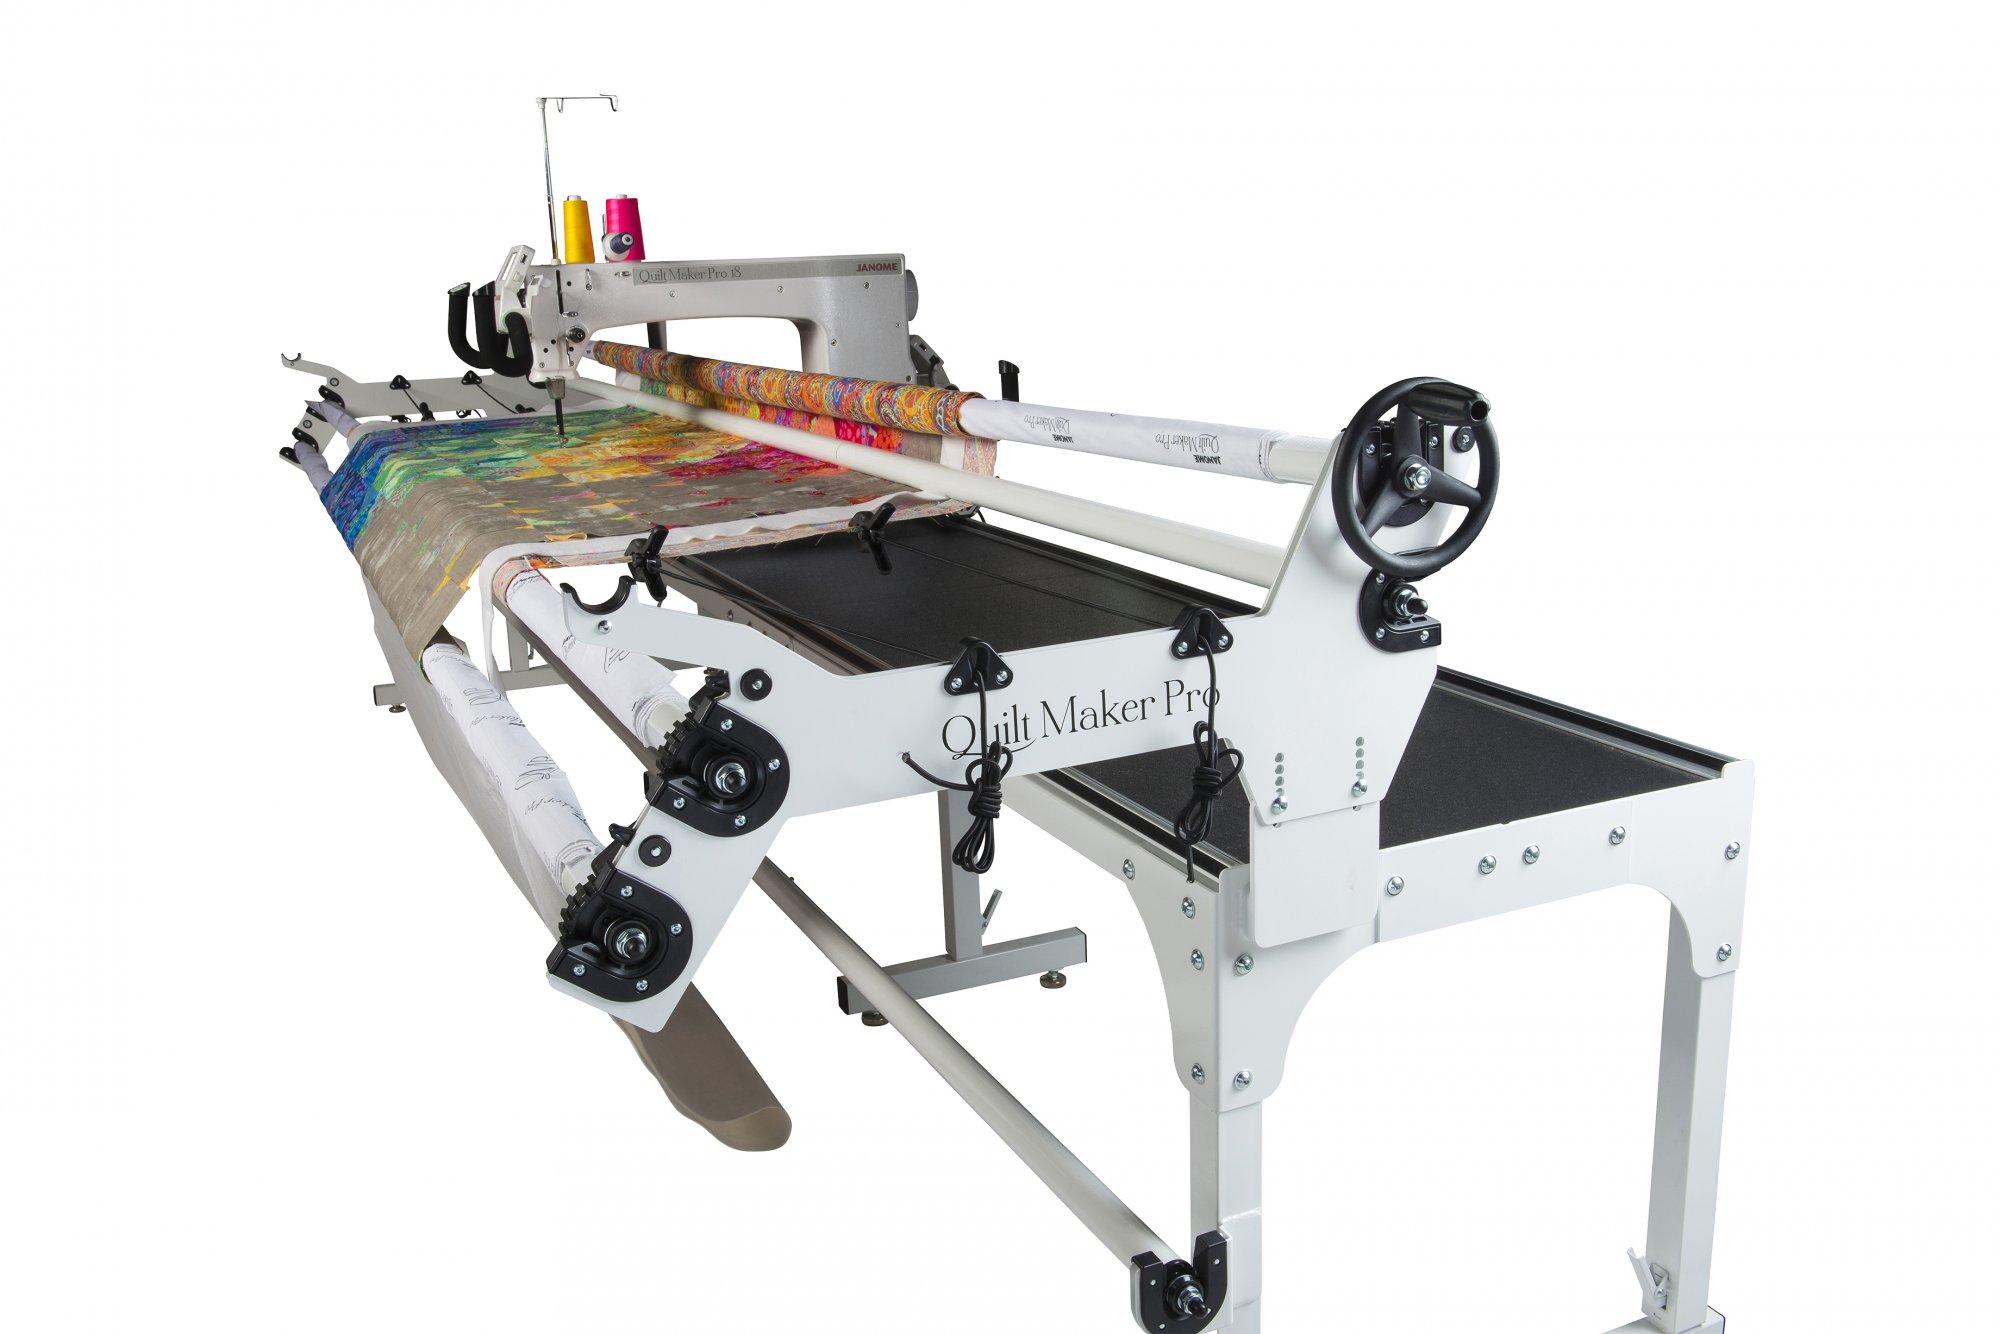 Quilt Maker Pro Long Arm